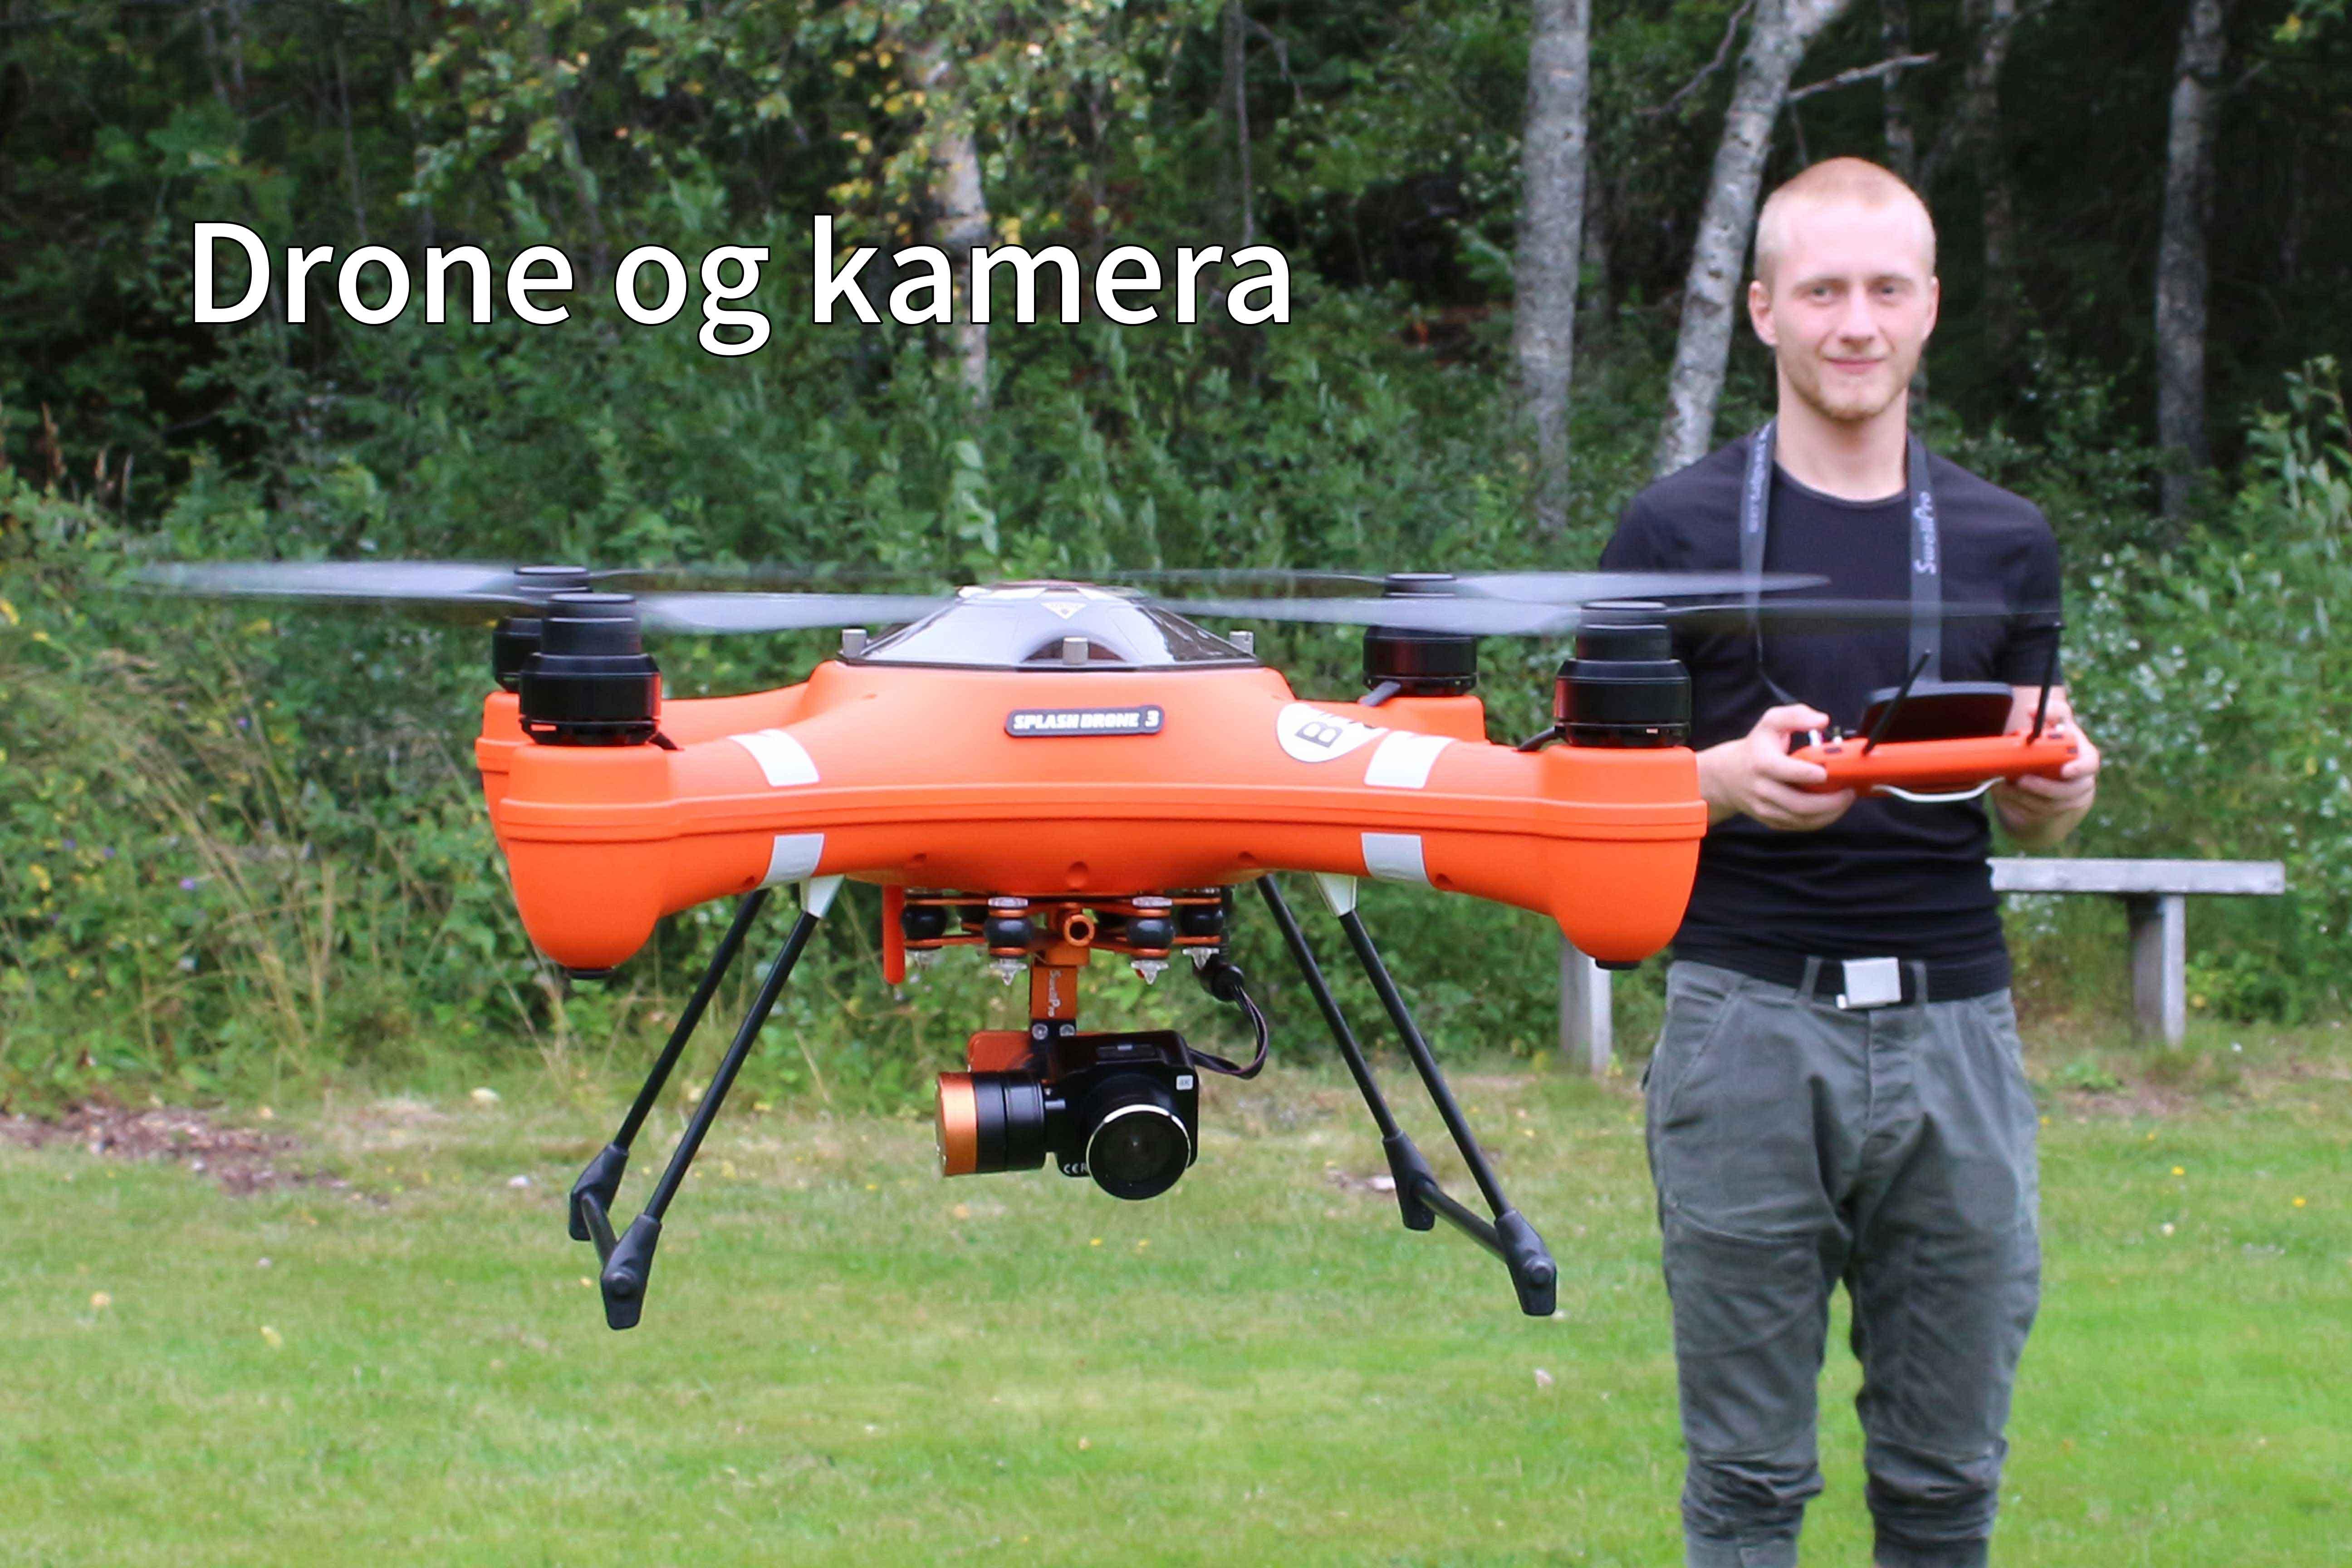 Linja Drone og kamera på Peder Morset folkehøgskole